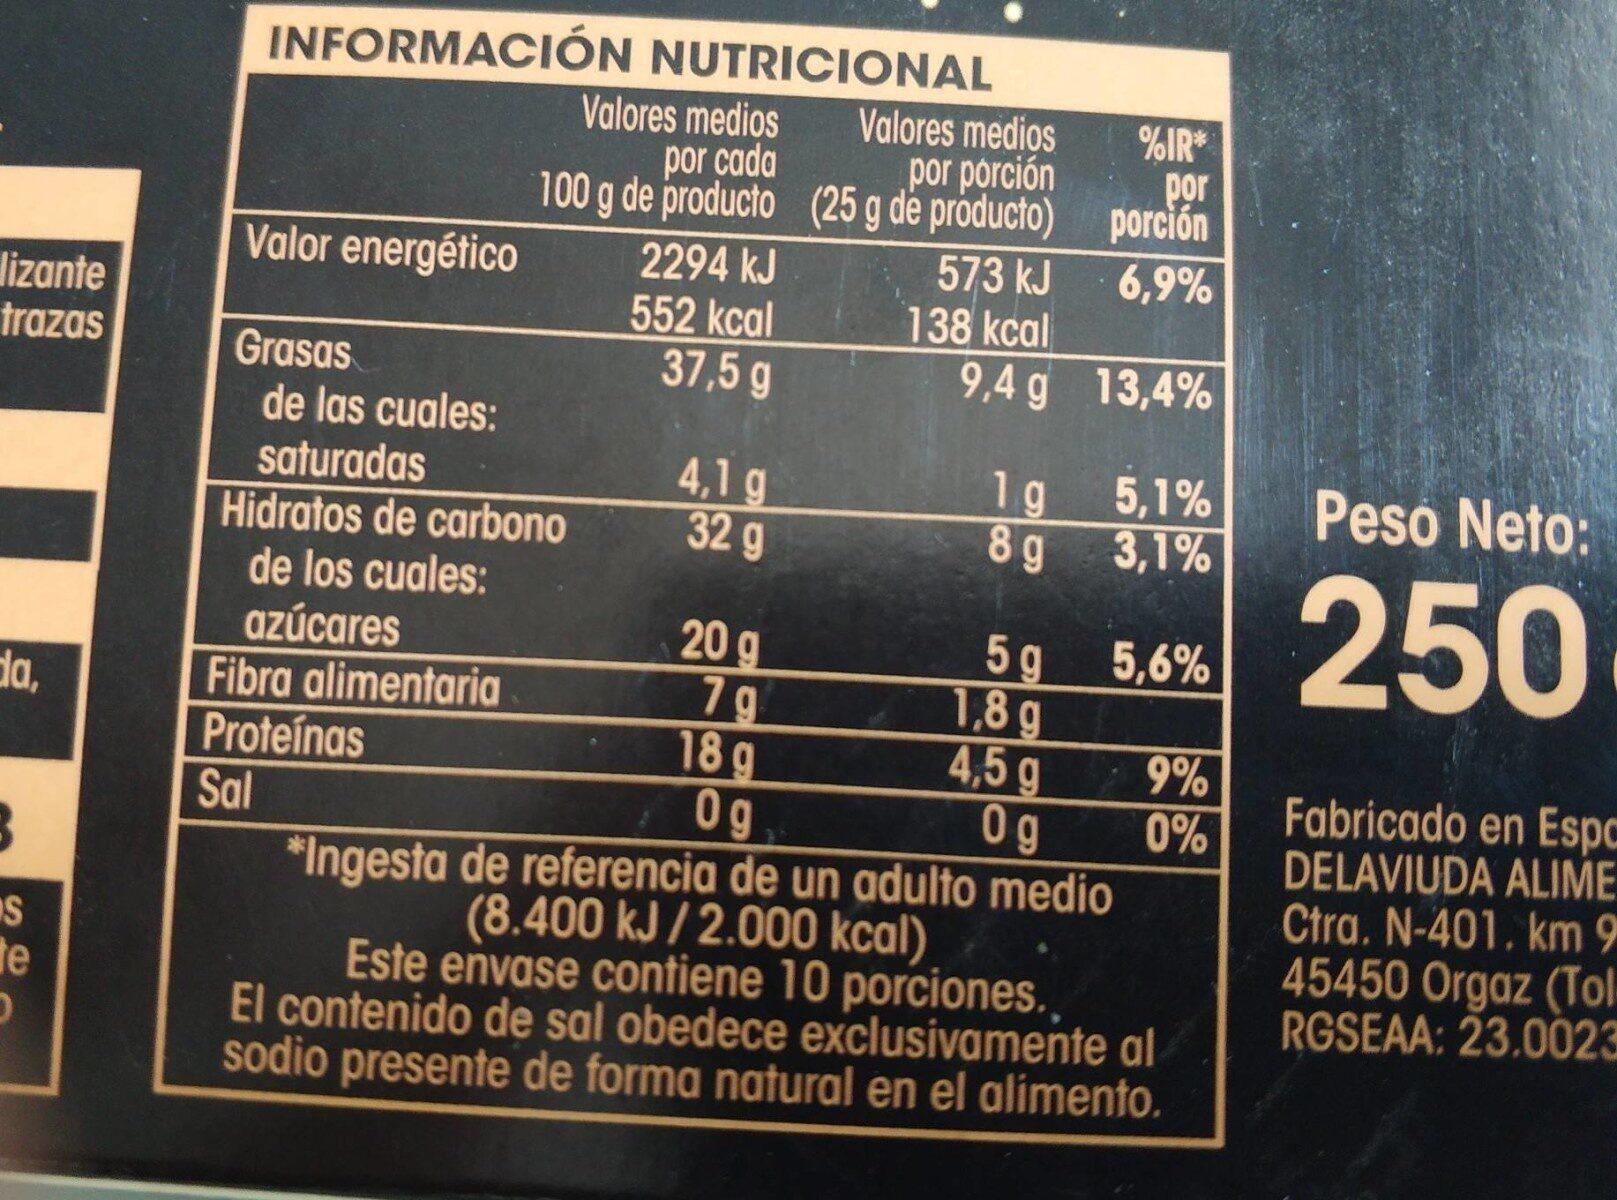 Turrón blando calidad suprema - Información nutricional - es